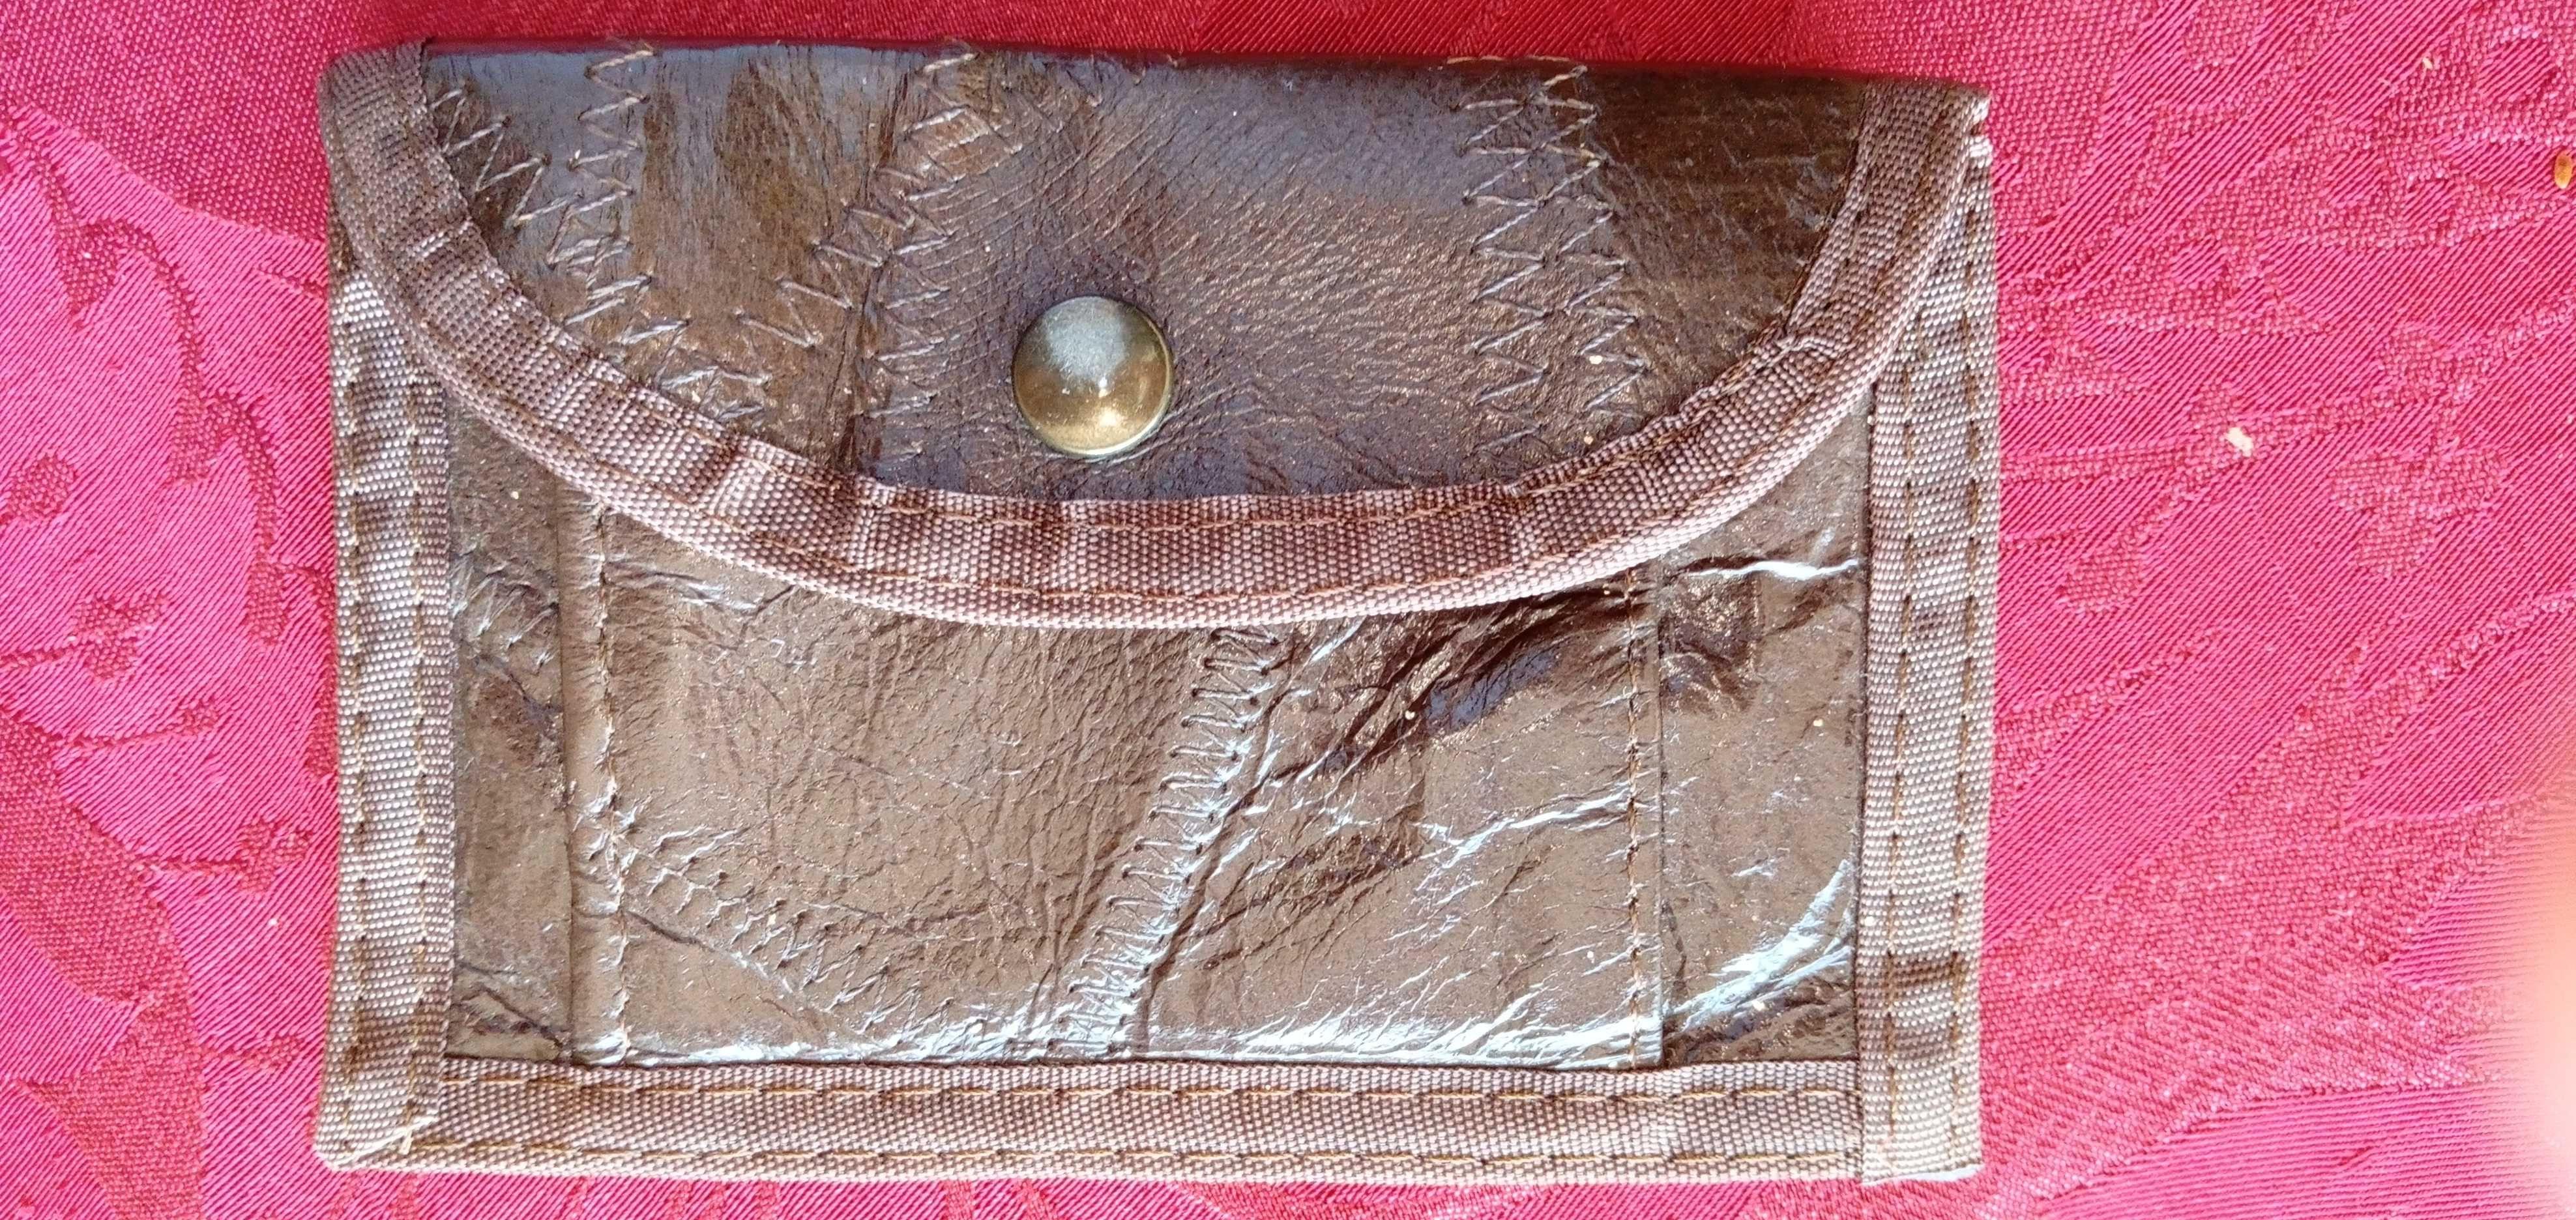 Porta moedas castanho pele vintage-3E- P.moedas preto antigo-3Edesde2E